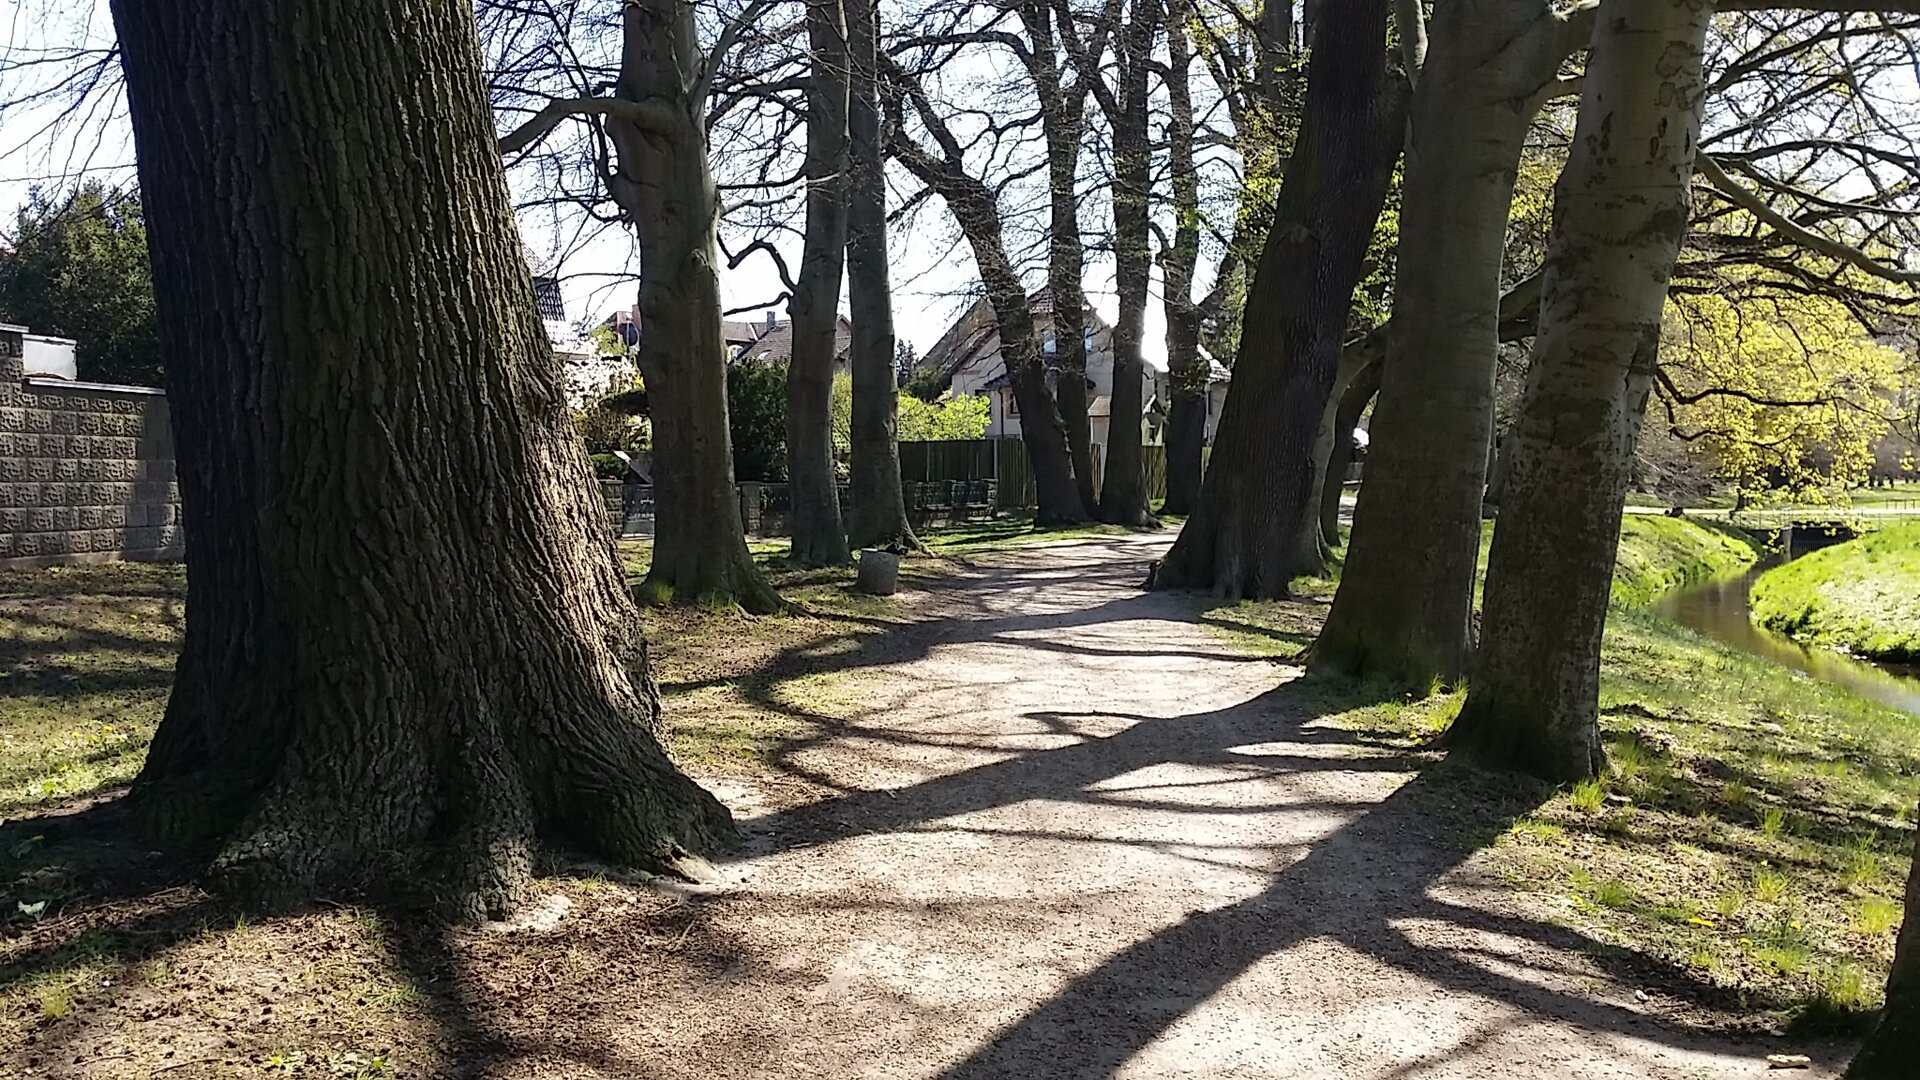 Eichenpromenade im Hagen